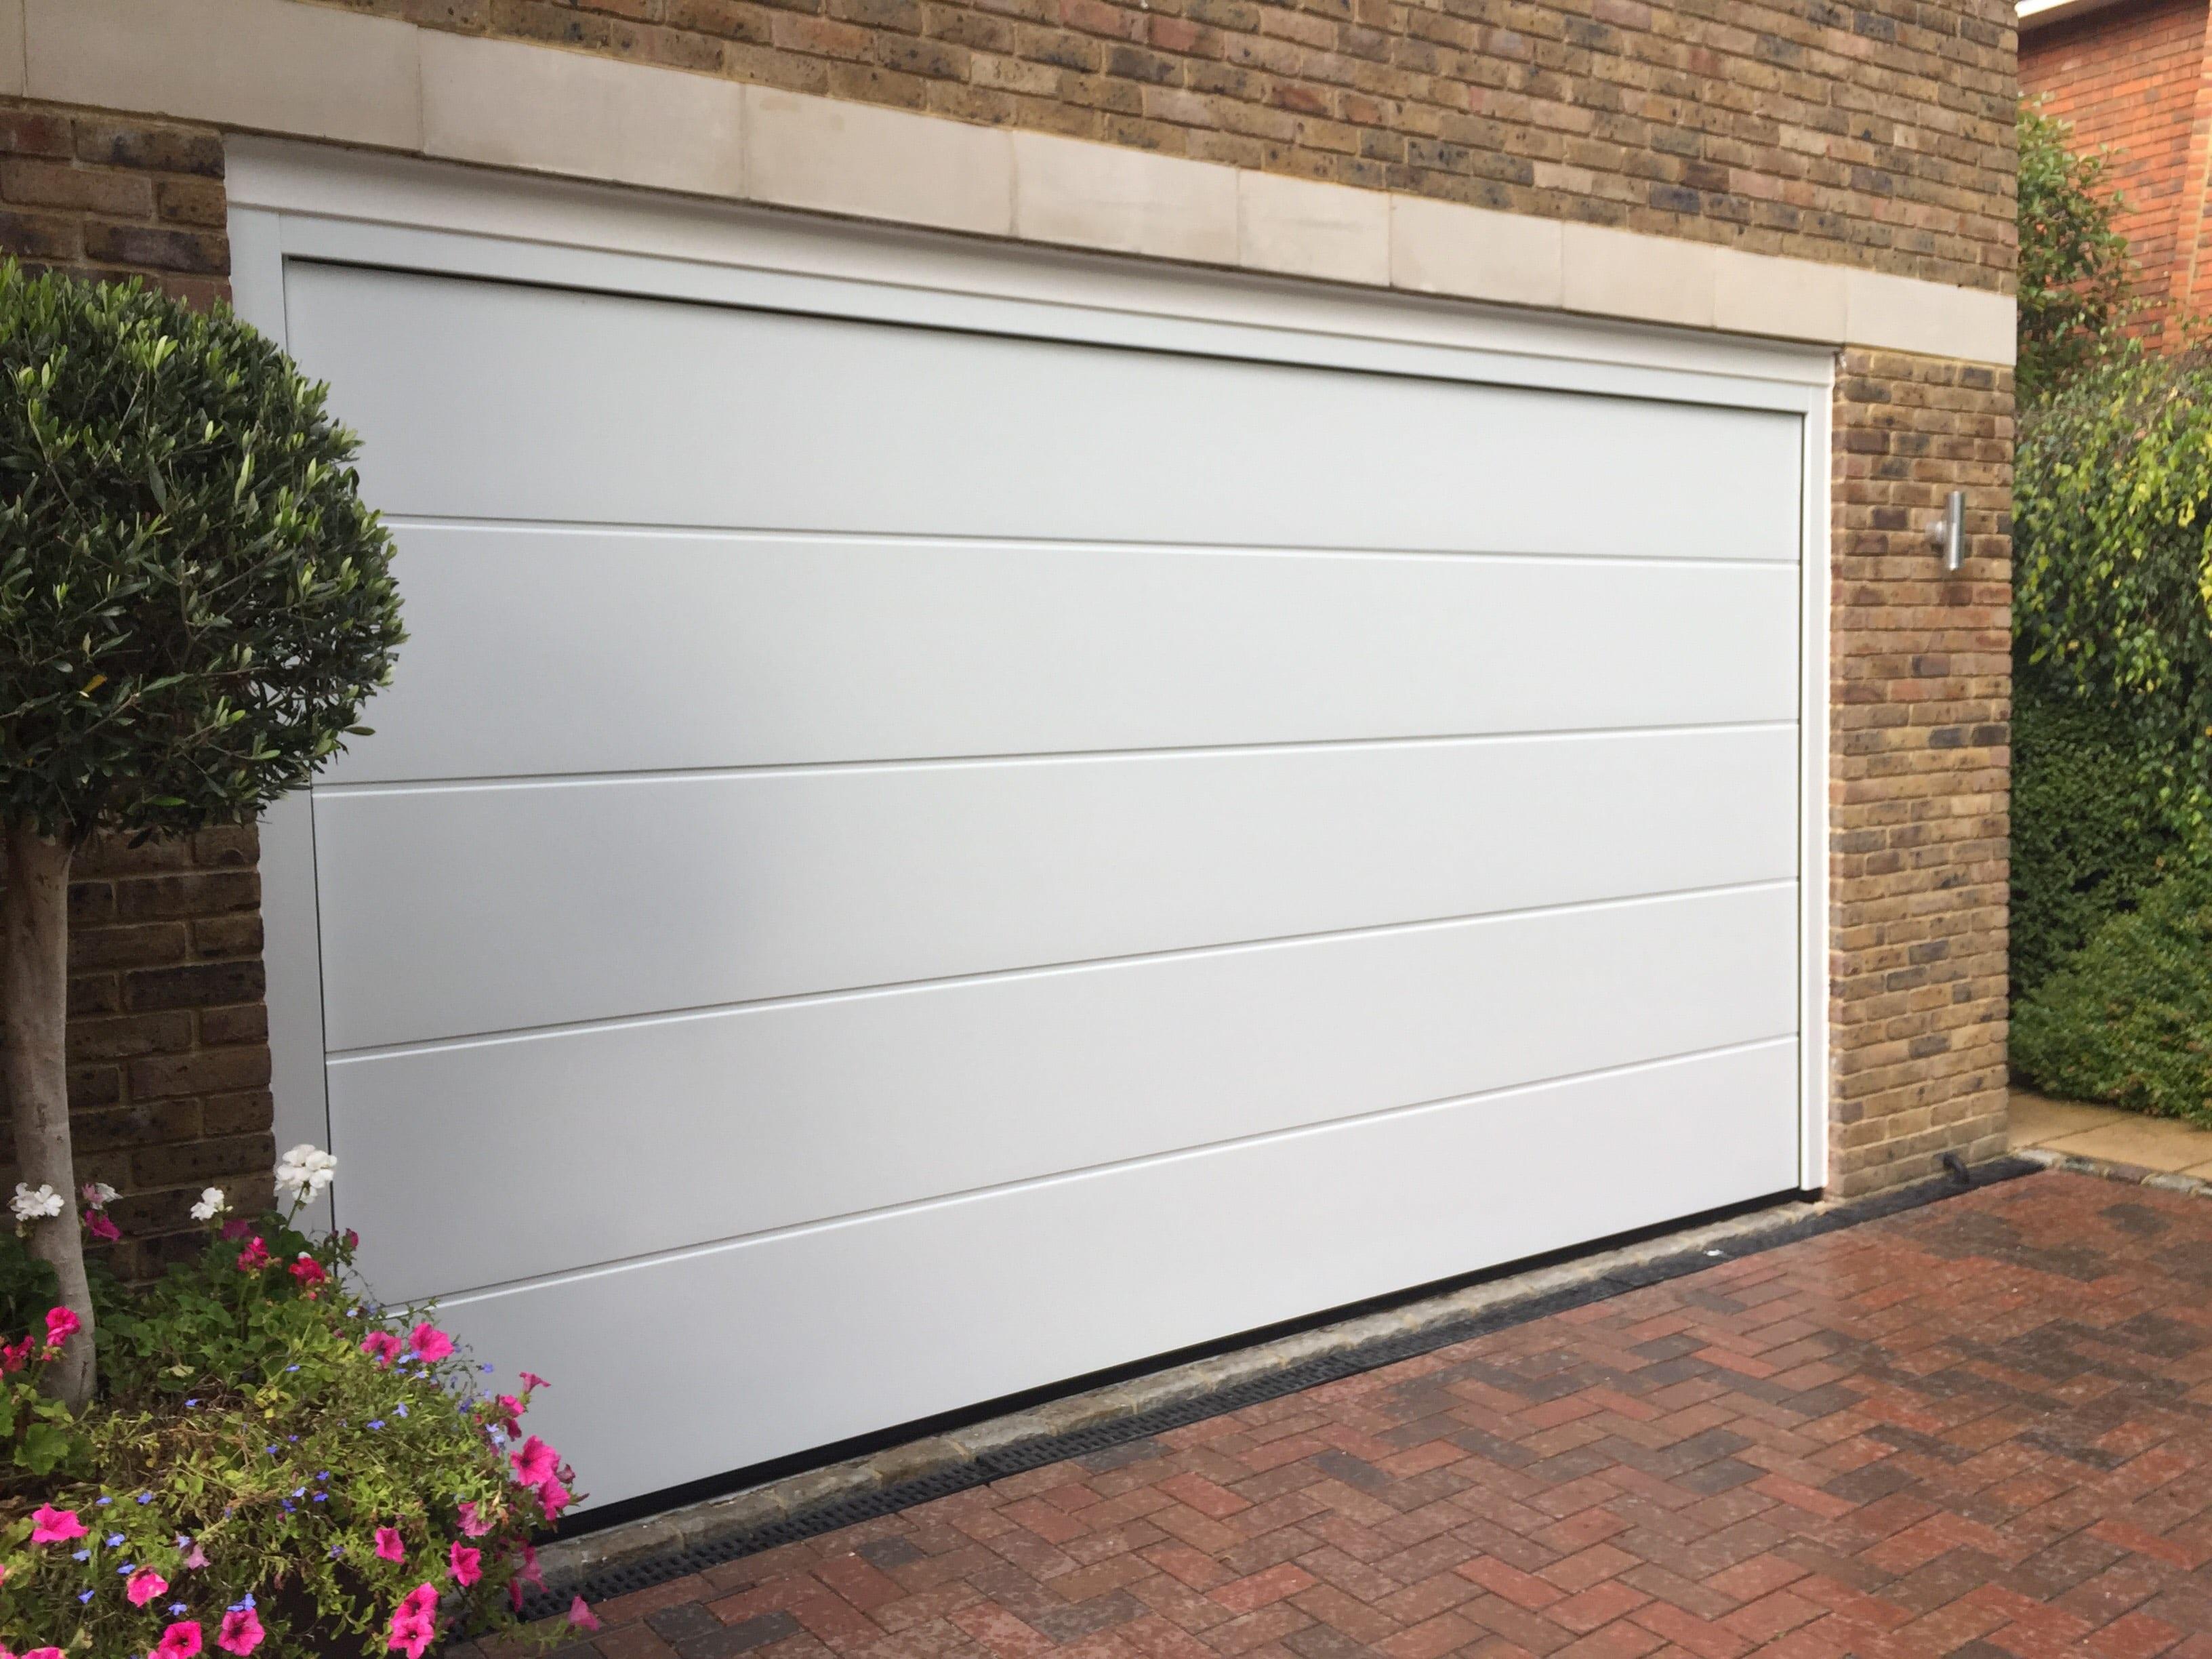 Seceuroglide insulated sectional garage door georgian cassette - Garador Linear Large Sectional Garage Door